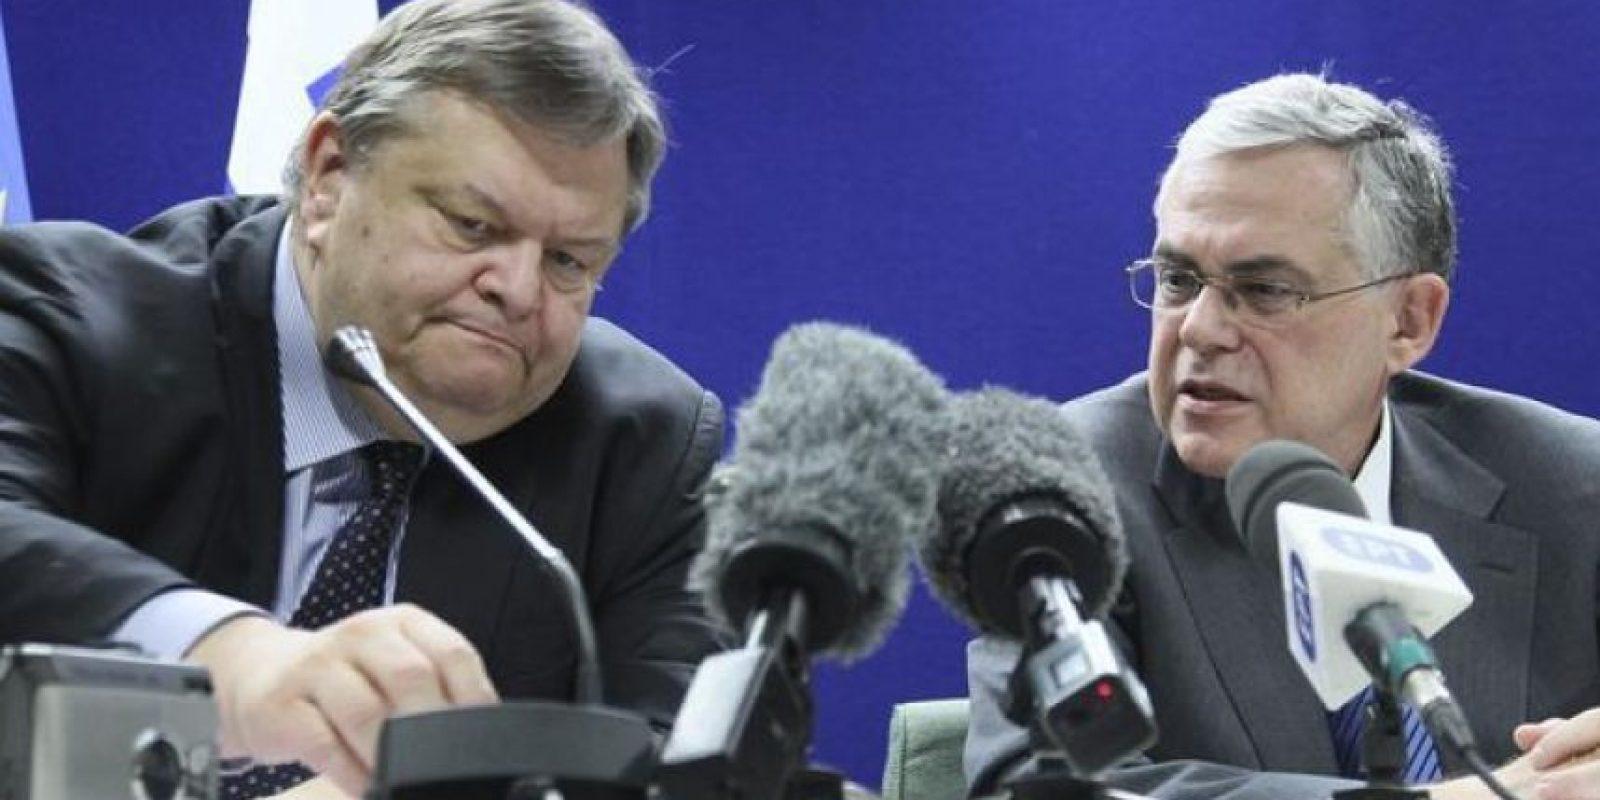 El primer ministro griego, Lukás Papadimos (d), y el ministro de Finanzas de Grecia, Evangelos Venizelos (i), ofrecen hoy una conferencia de prensa tras recibir luz verde a un segundo rescate de 130.000 millones de euros hasta 2014 durante una reunión maratoniana de titulares de Economía y Finanzas de la zona euro en la sede de la Unión Europea en Bruselas, Bélgica. EFE